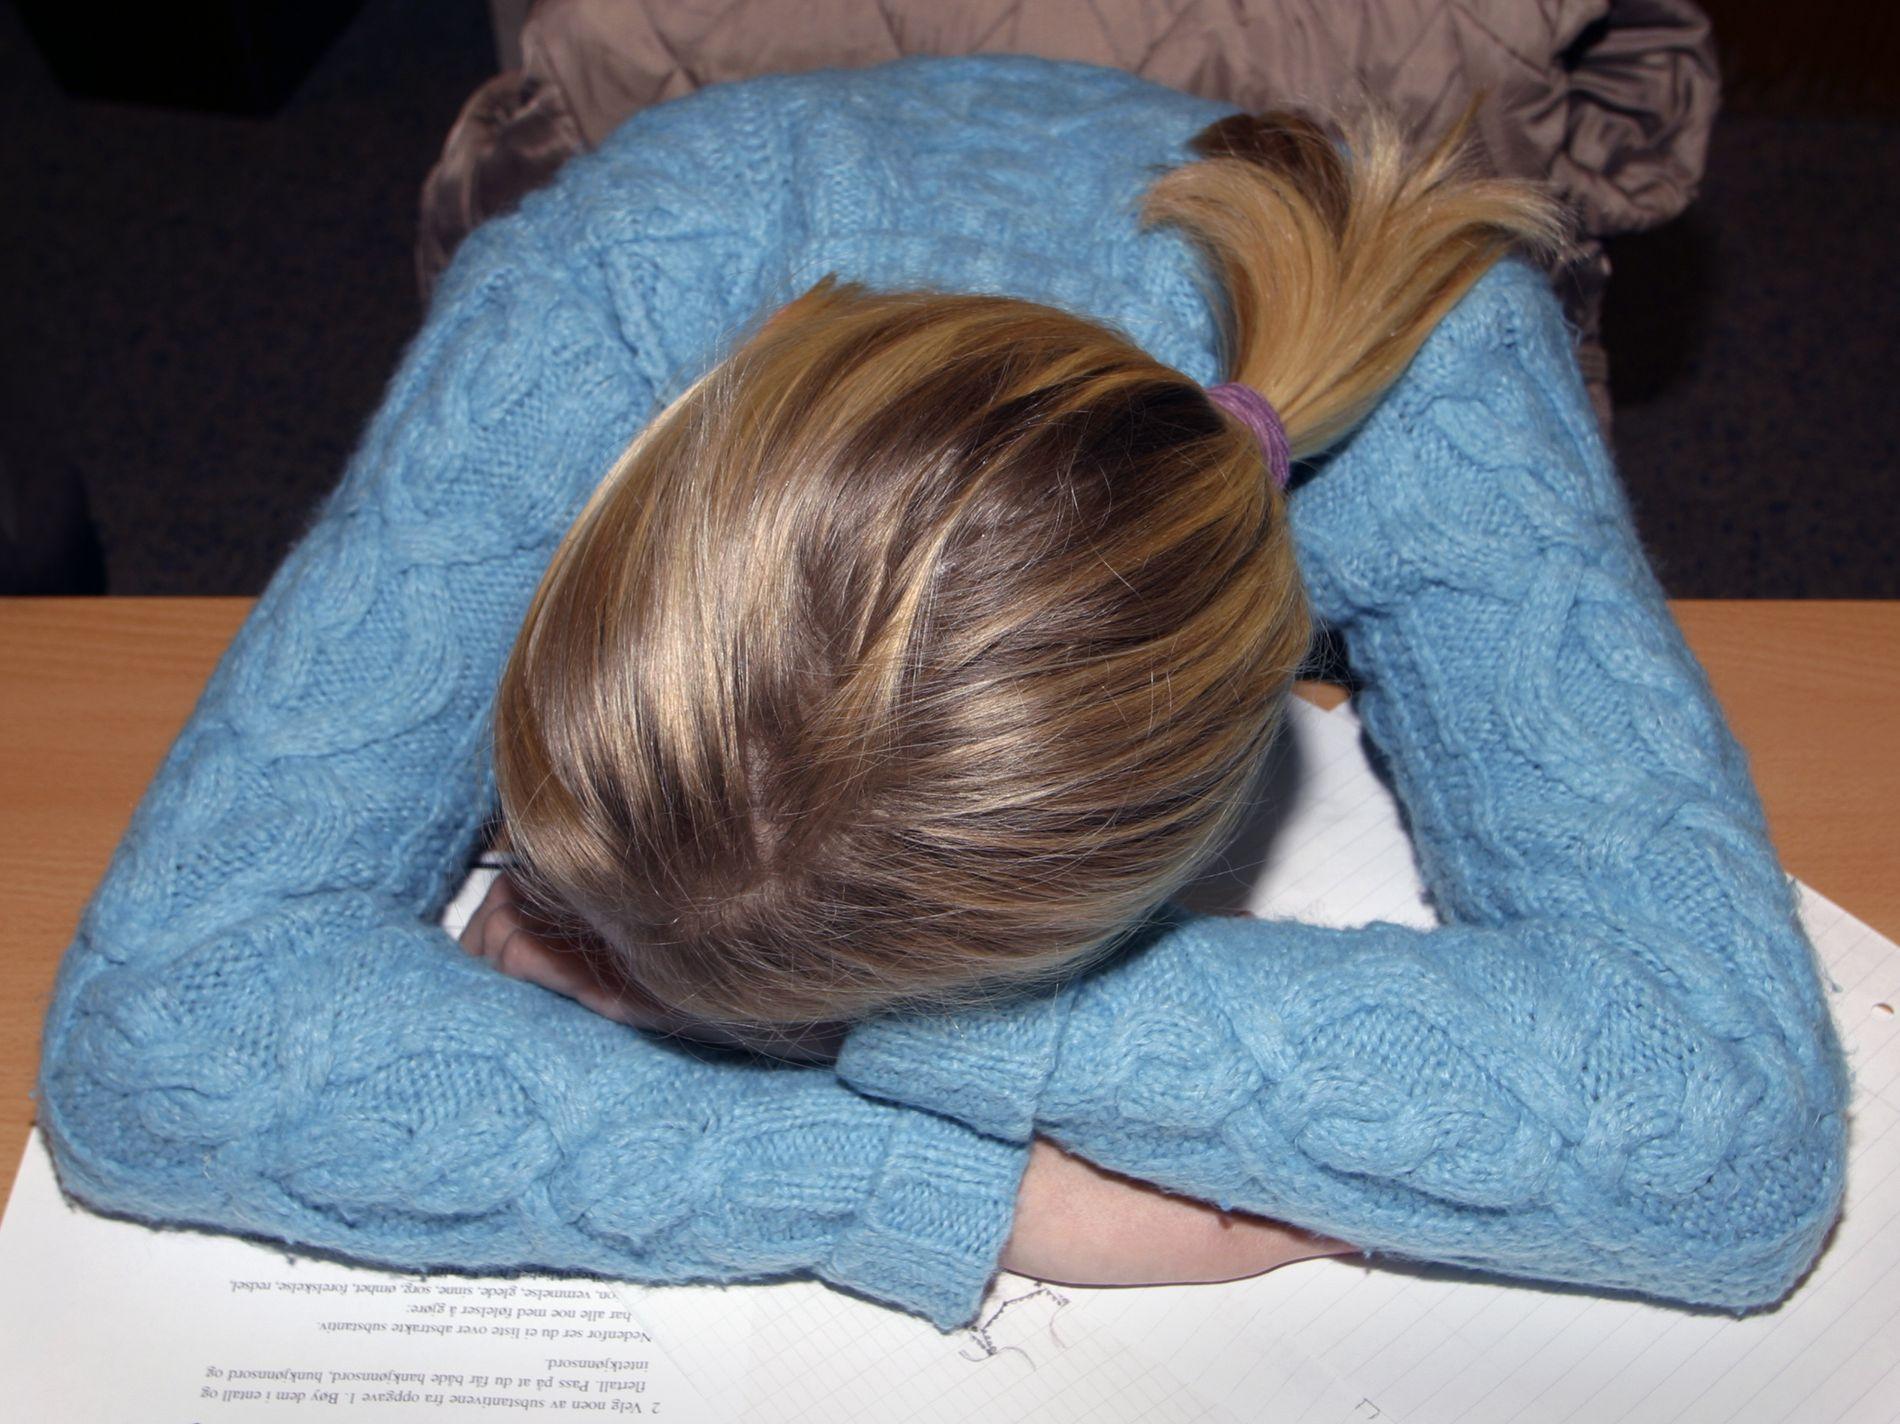 EN AV FIRE SLITER: En stor britisk undersøkelse viser at 24 prosent av 14-årige jenter og 10 prosent av 14-årige gutter hadde opplevd depresjon. FOTO: SCANPIX